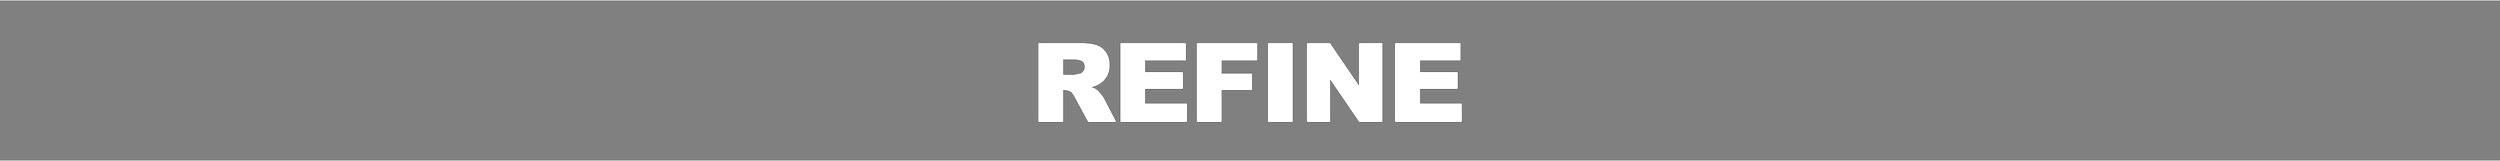 REFINE-3.jpg